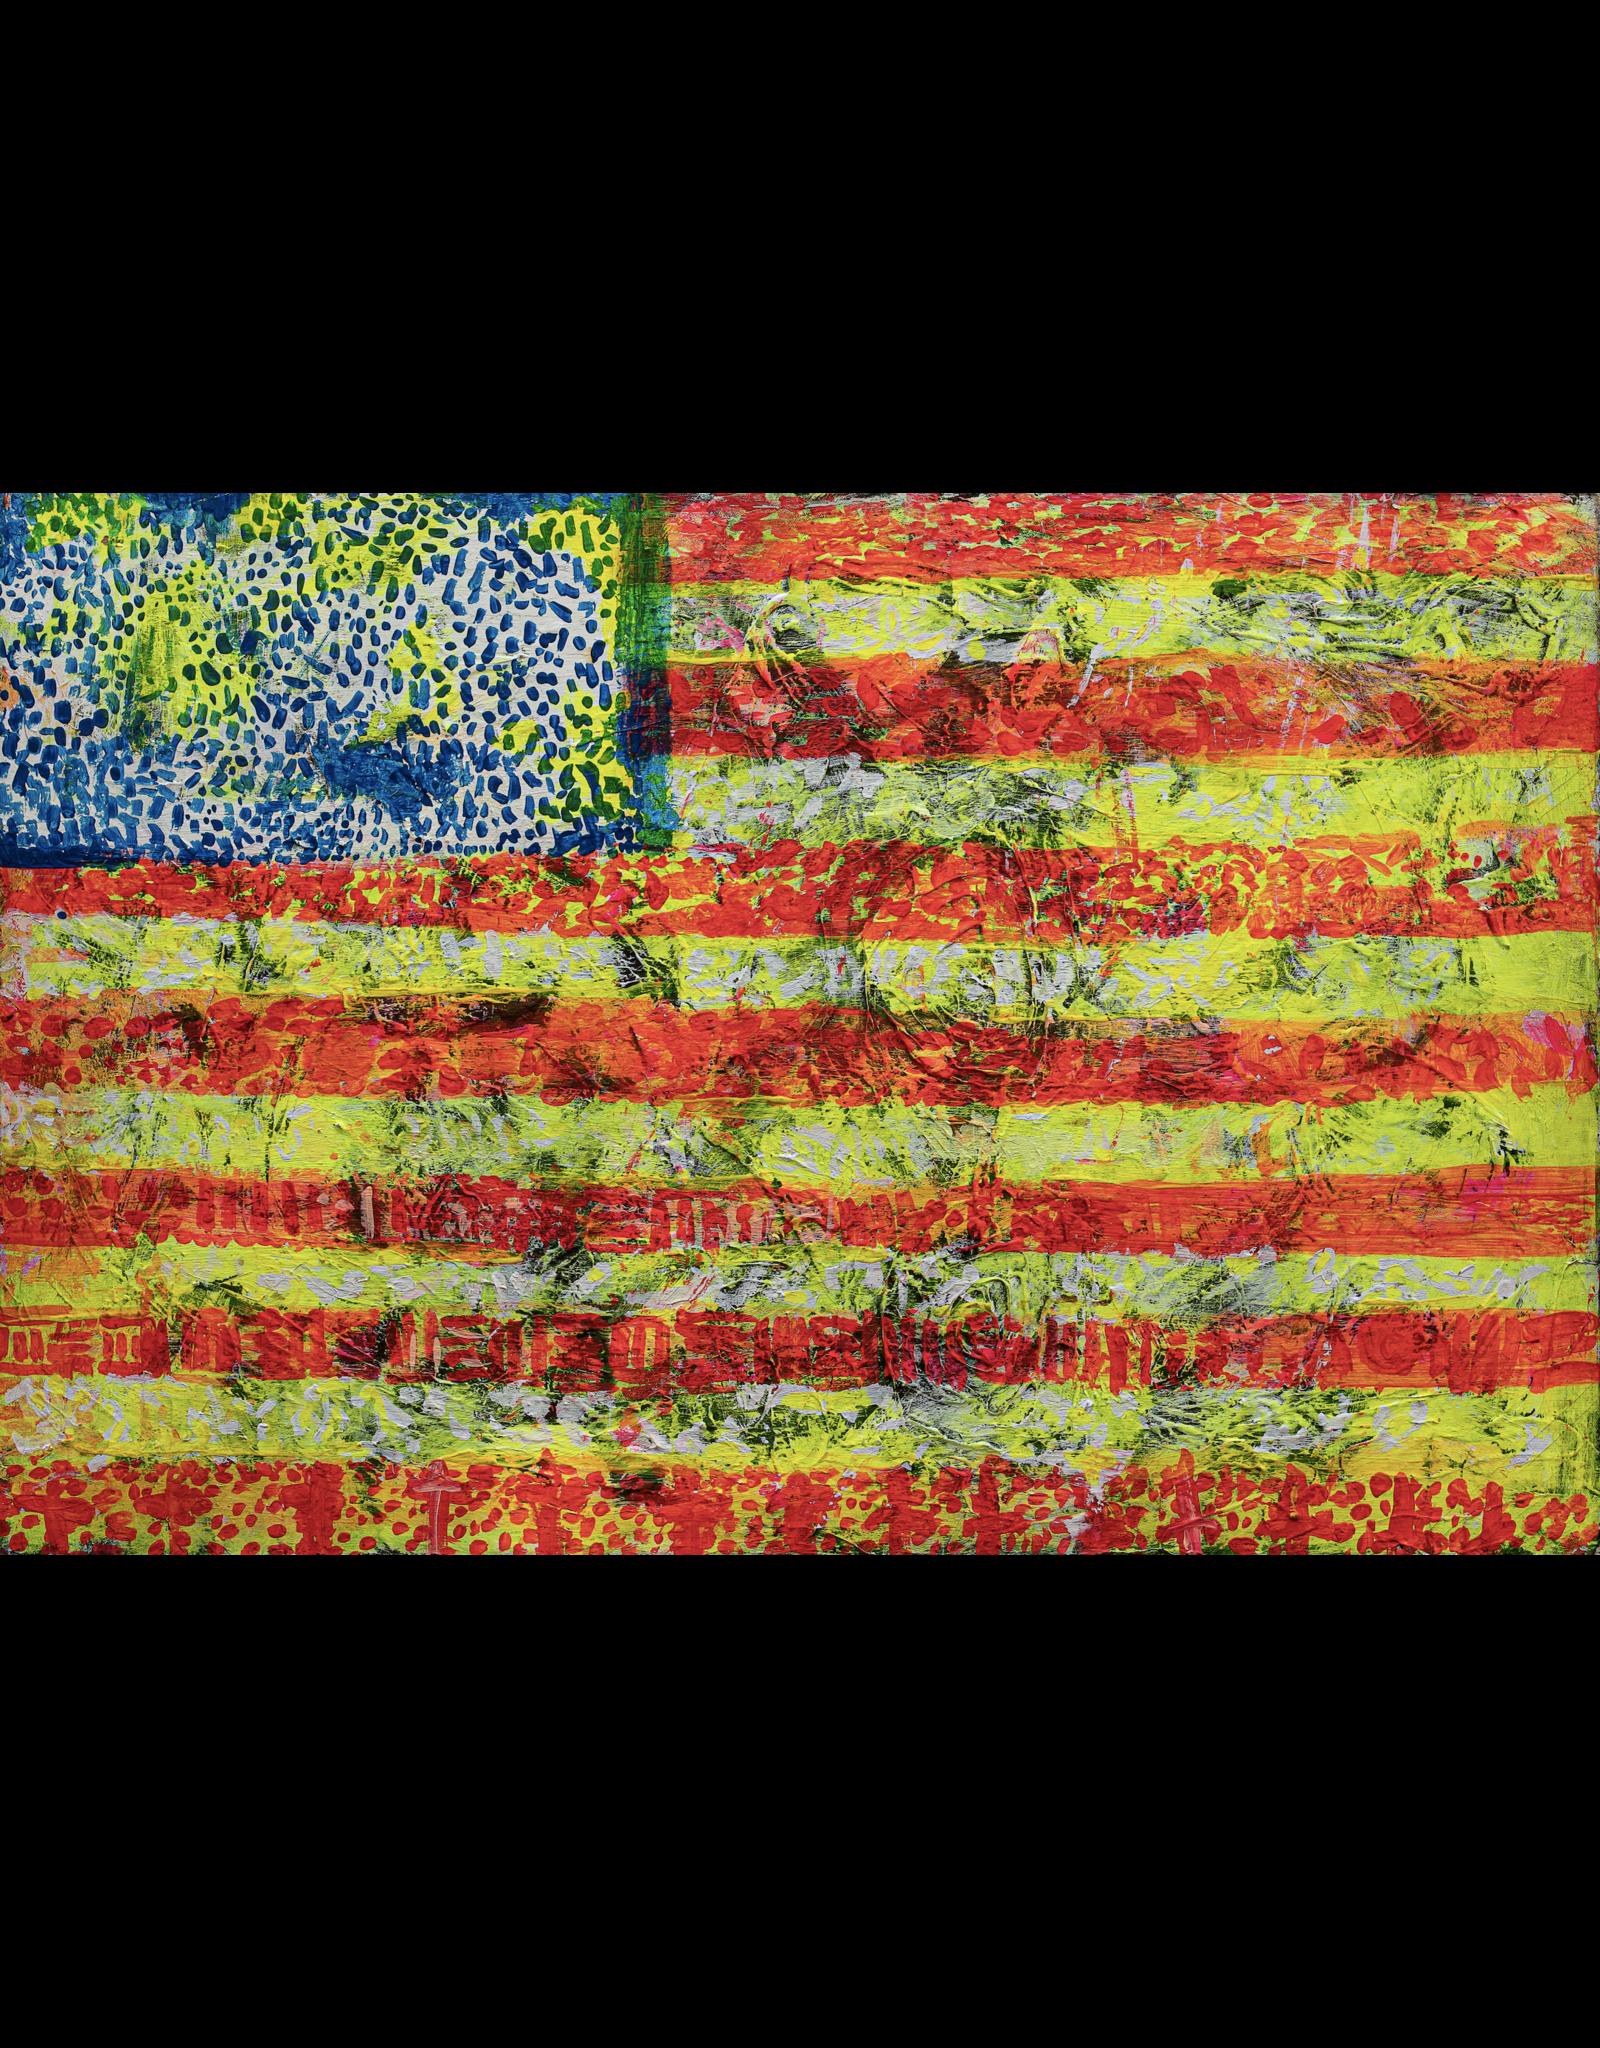 STEEP Daniels STEEP Daniels - Neon Americana No. 1